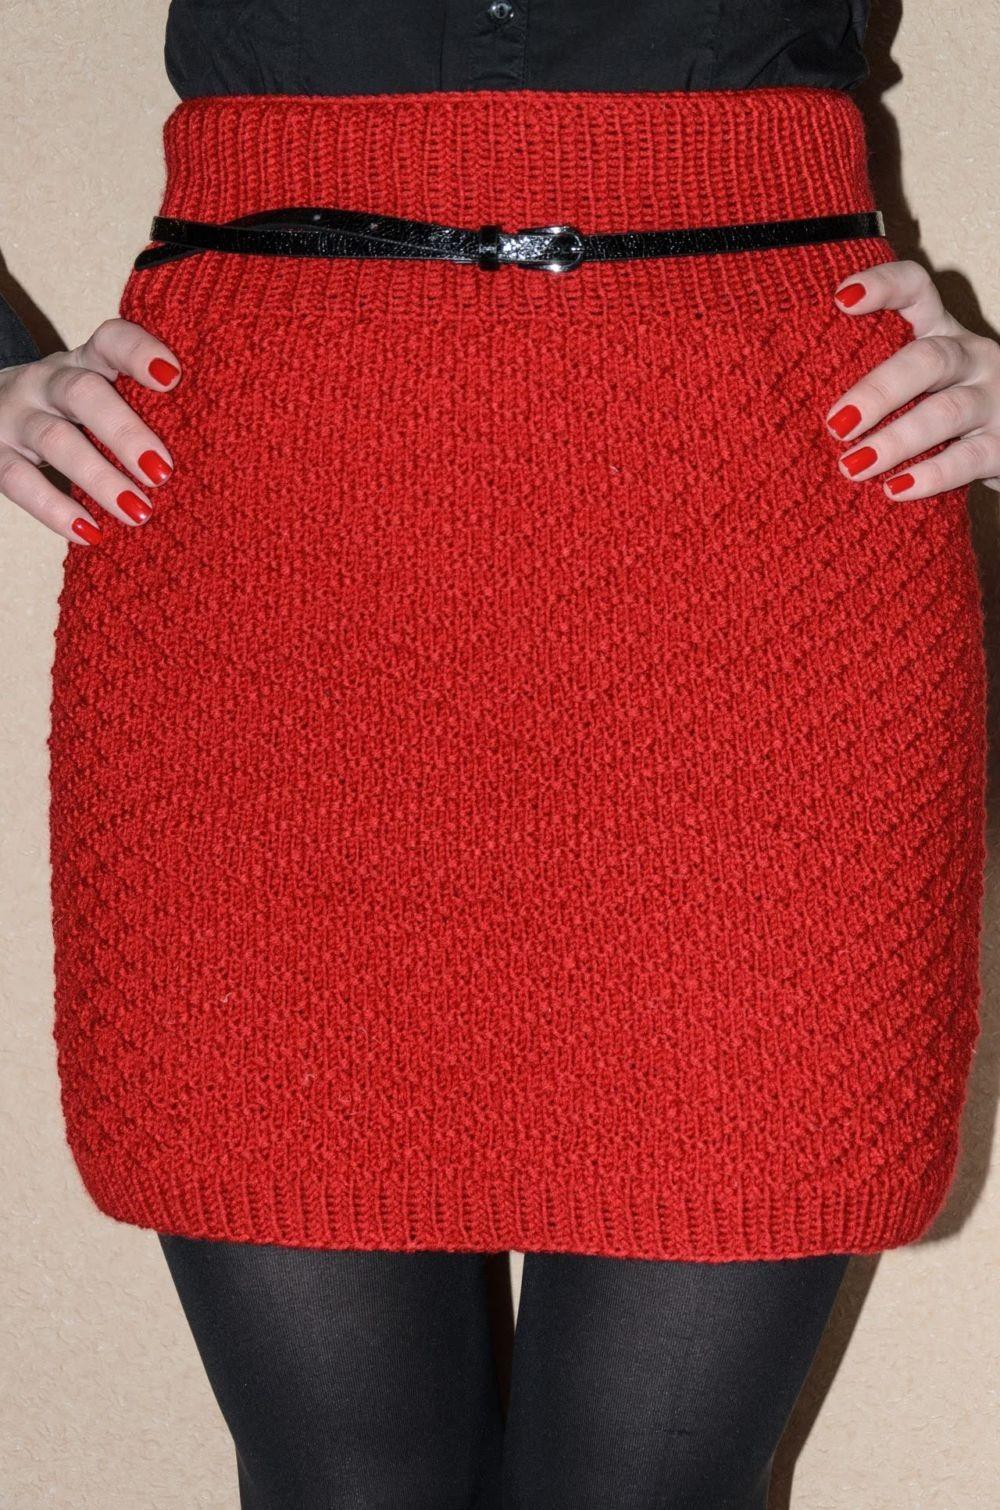 Вязаные юбки осень зима 2018 2019 вязаные юбки,мелкая вязка,с ремешком ,красная юбка